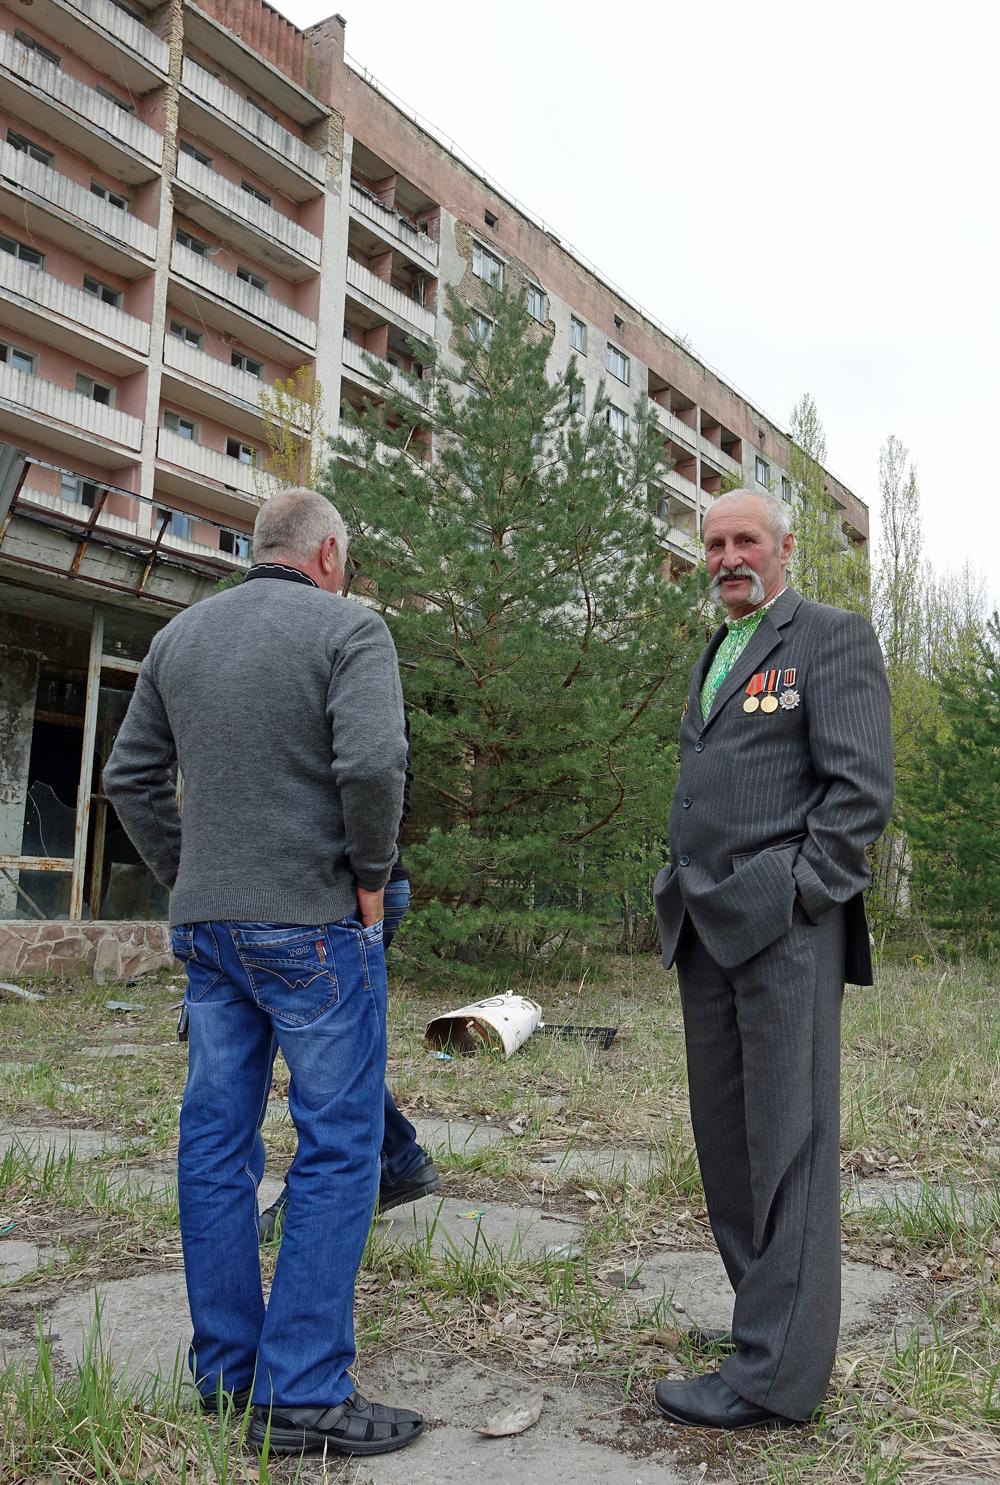 Wasylij, strażak z Czarnobyla. W przededniu obchodów 30. rocznicy katastrofy przyjechał do Prypeci, opuszczonego miasta, zamieszkałego niegdyś przez pracowników elektrowni.